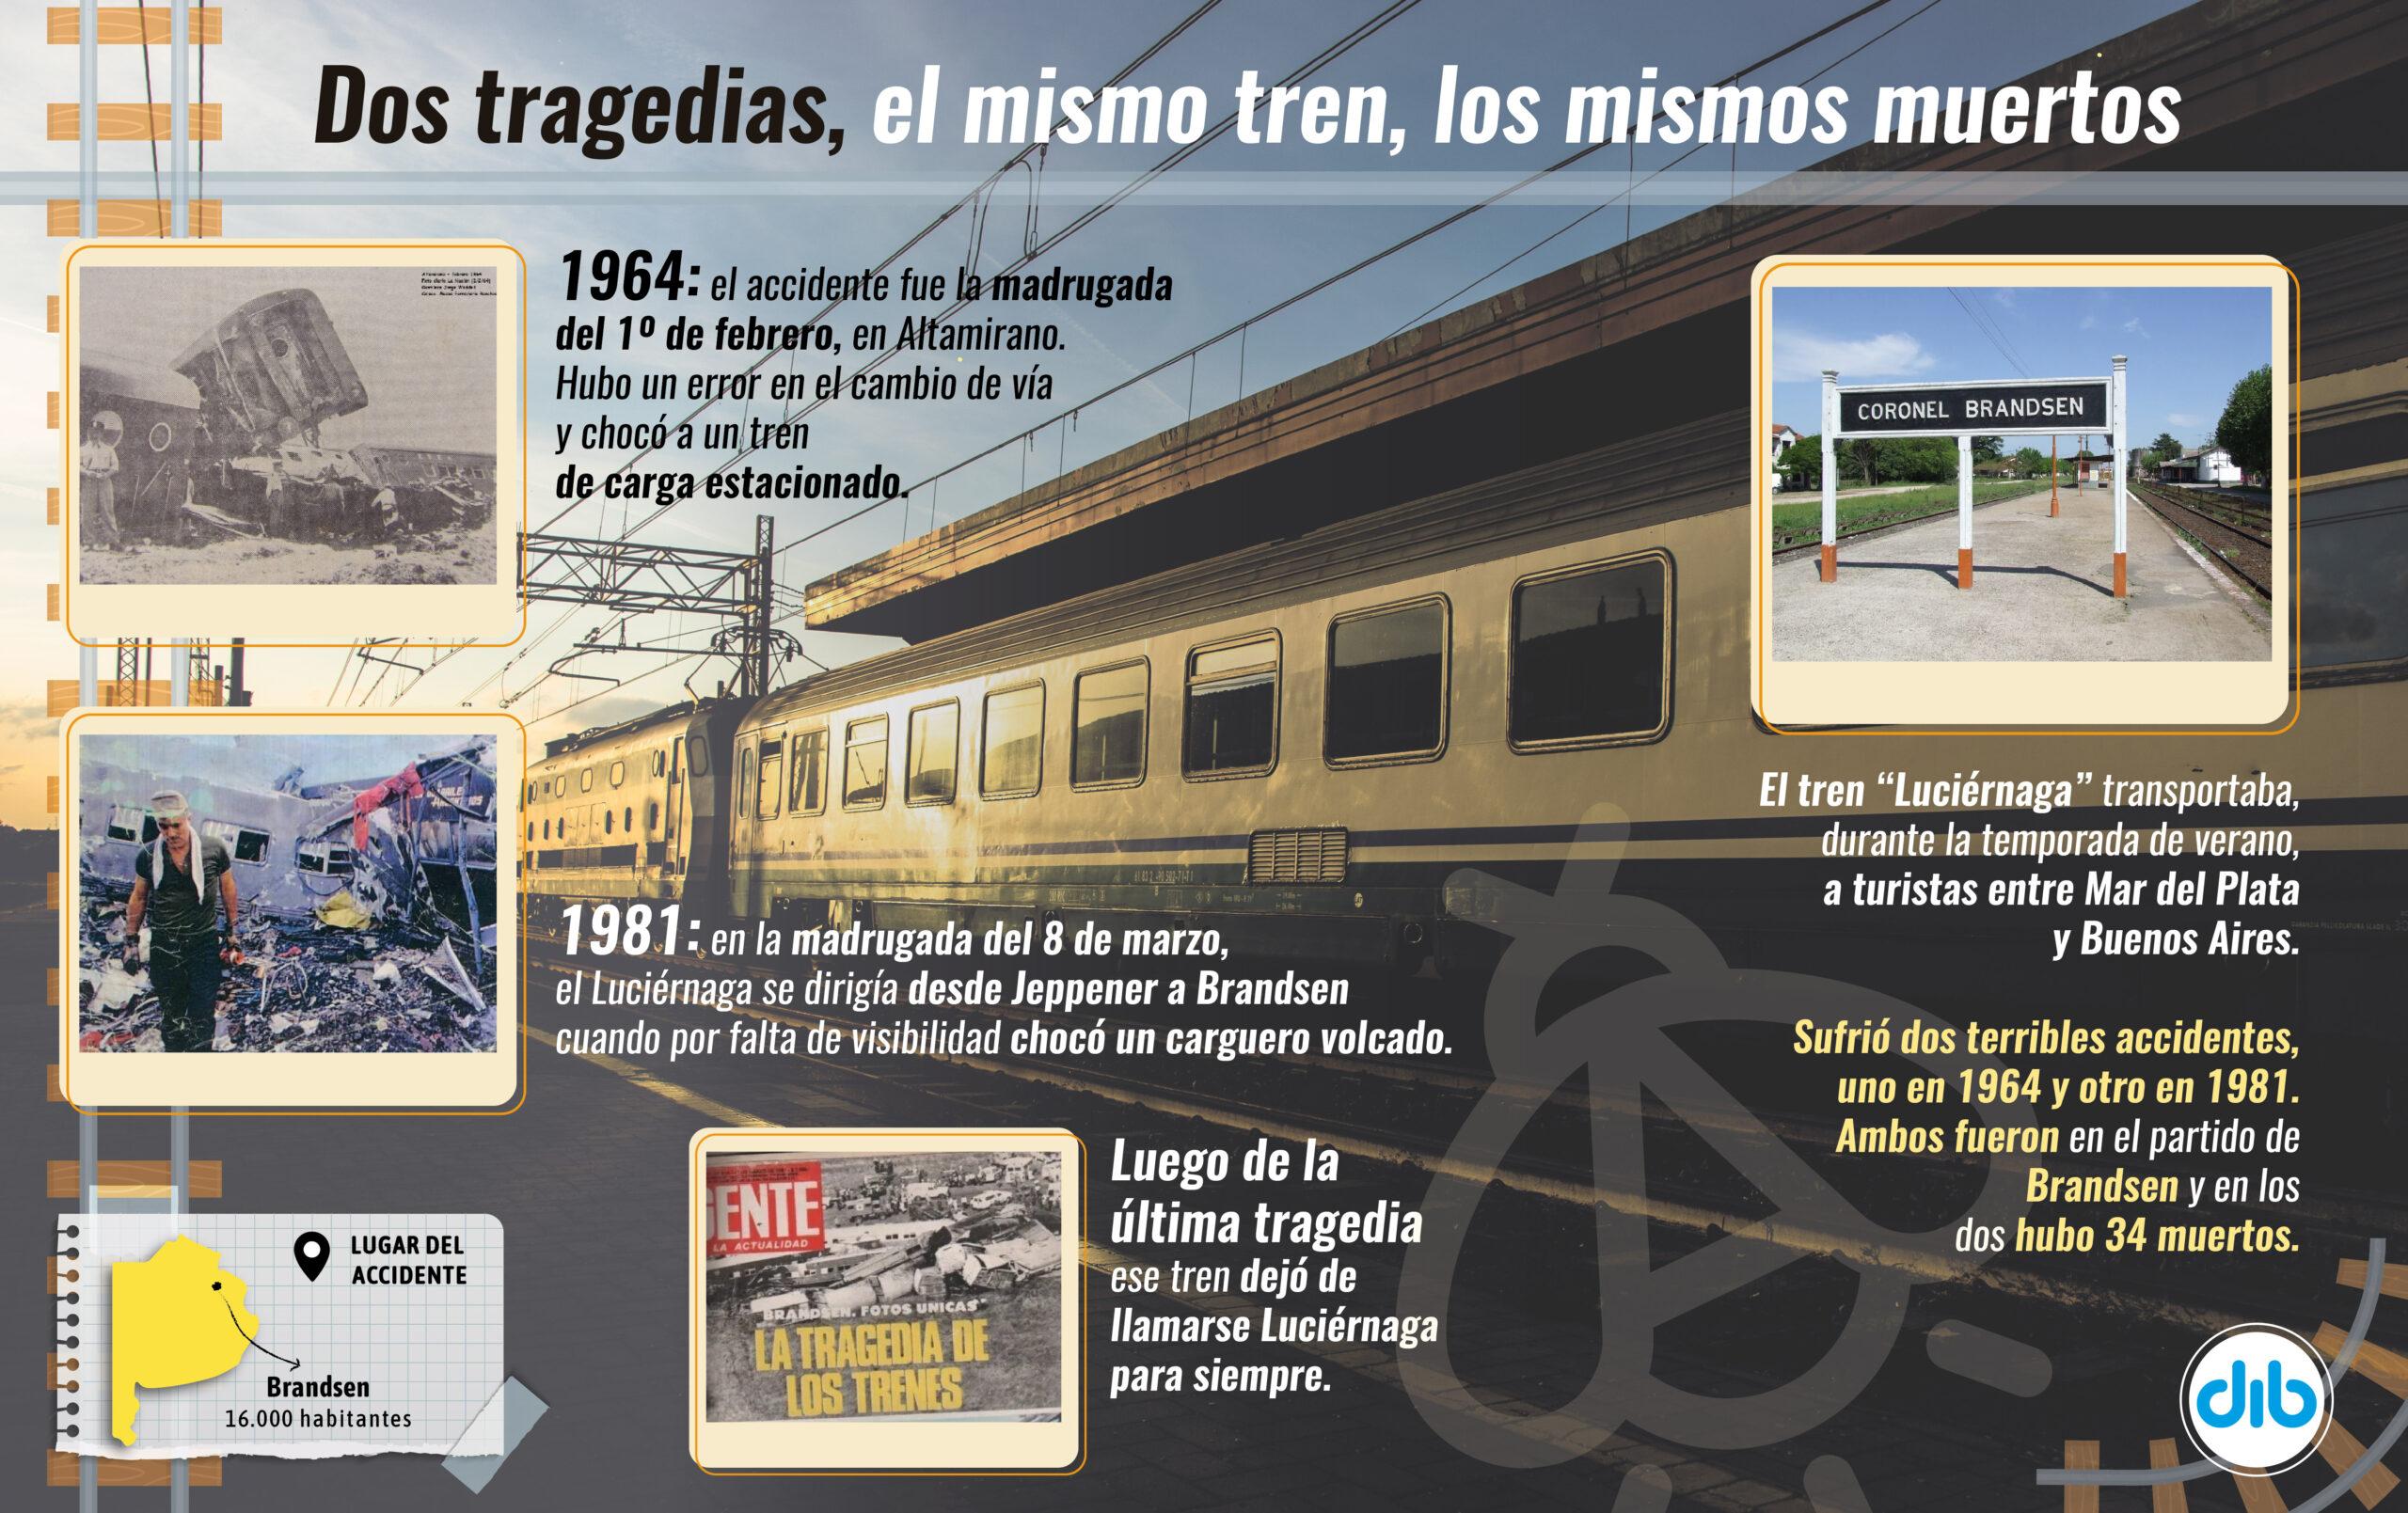 LA DOBLE TRAGEDIA DE EL LUCIÉRNAGA EN BRANDSEN: DOS ACCIDENTES CON 34 MUERTOS